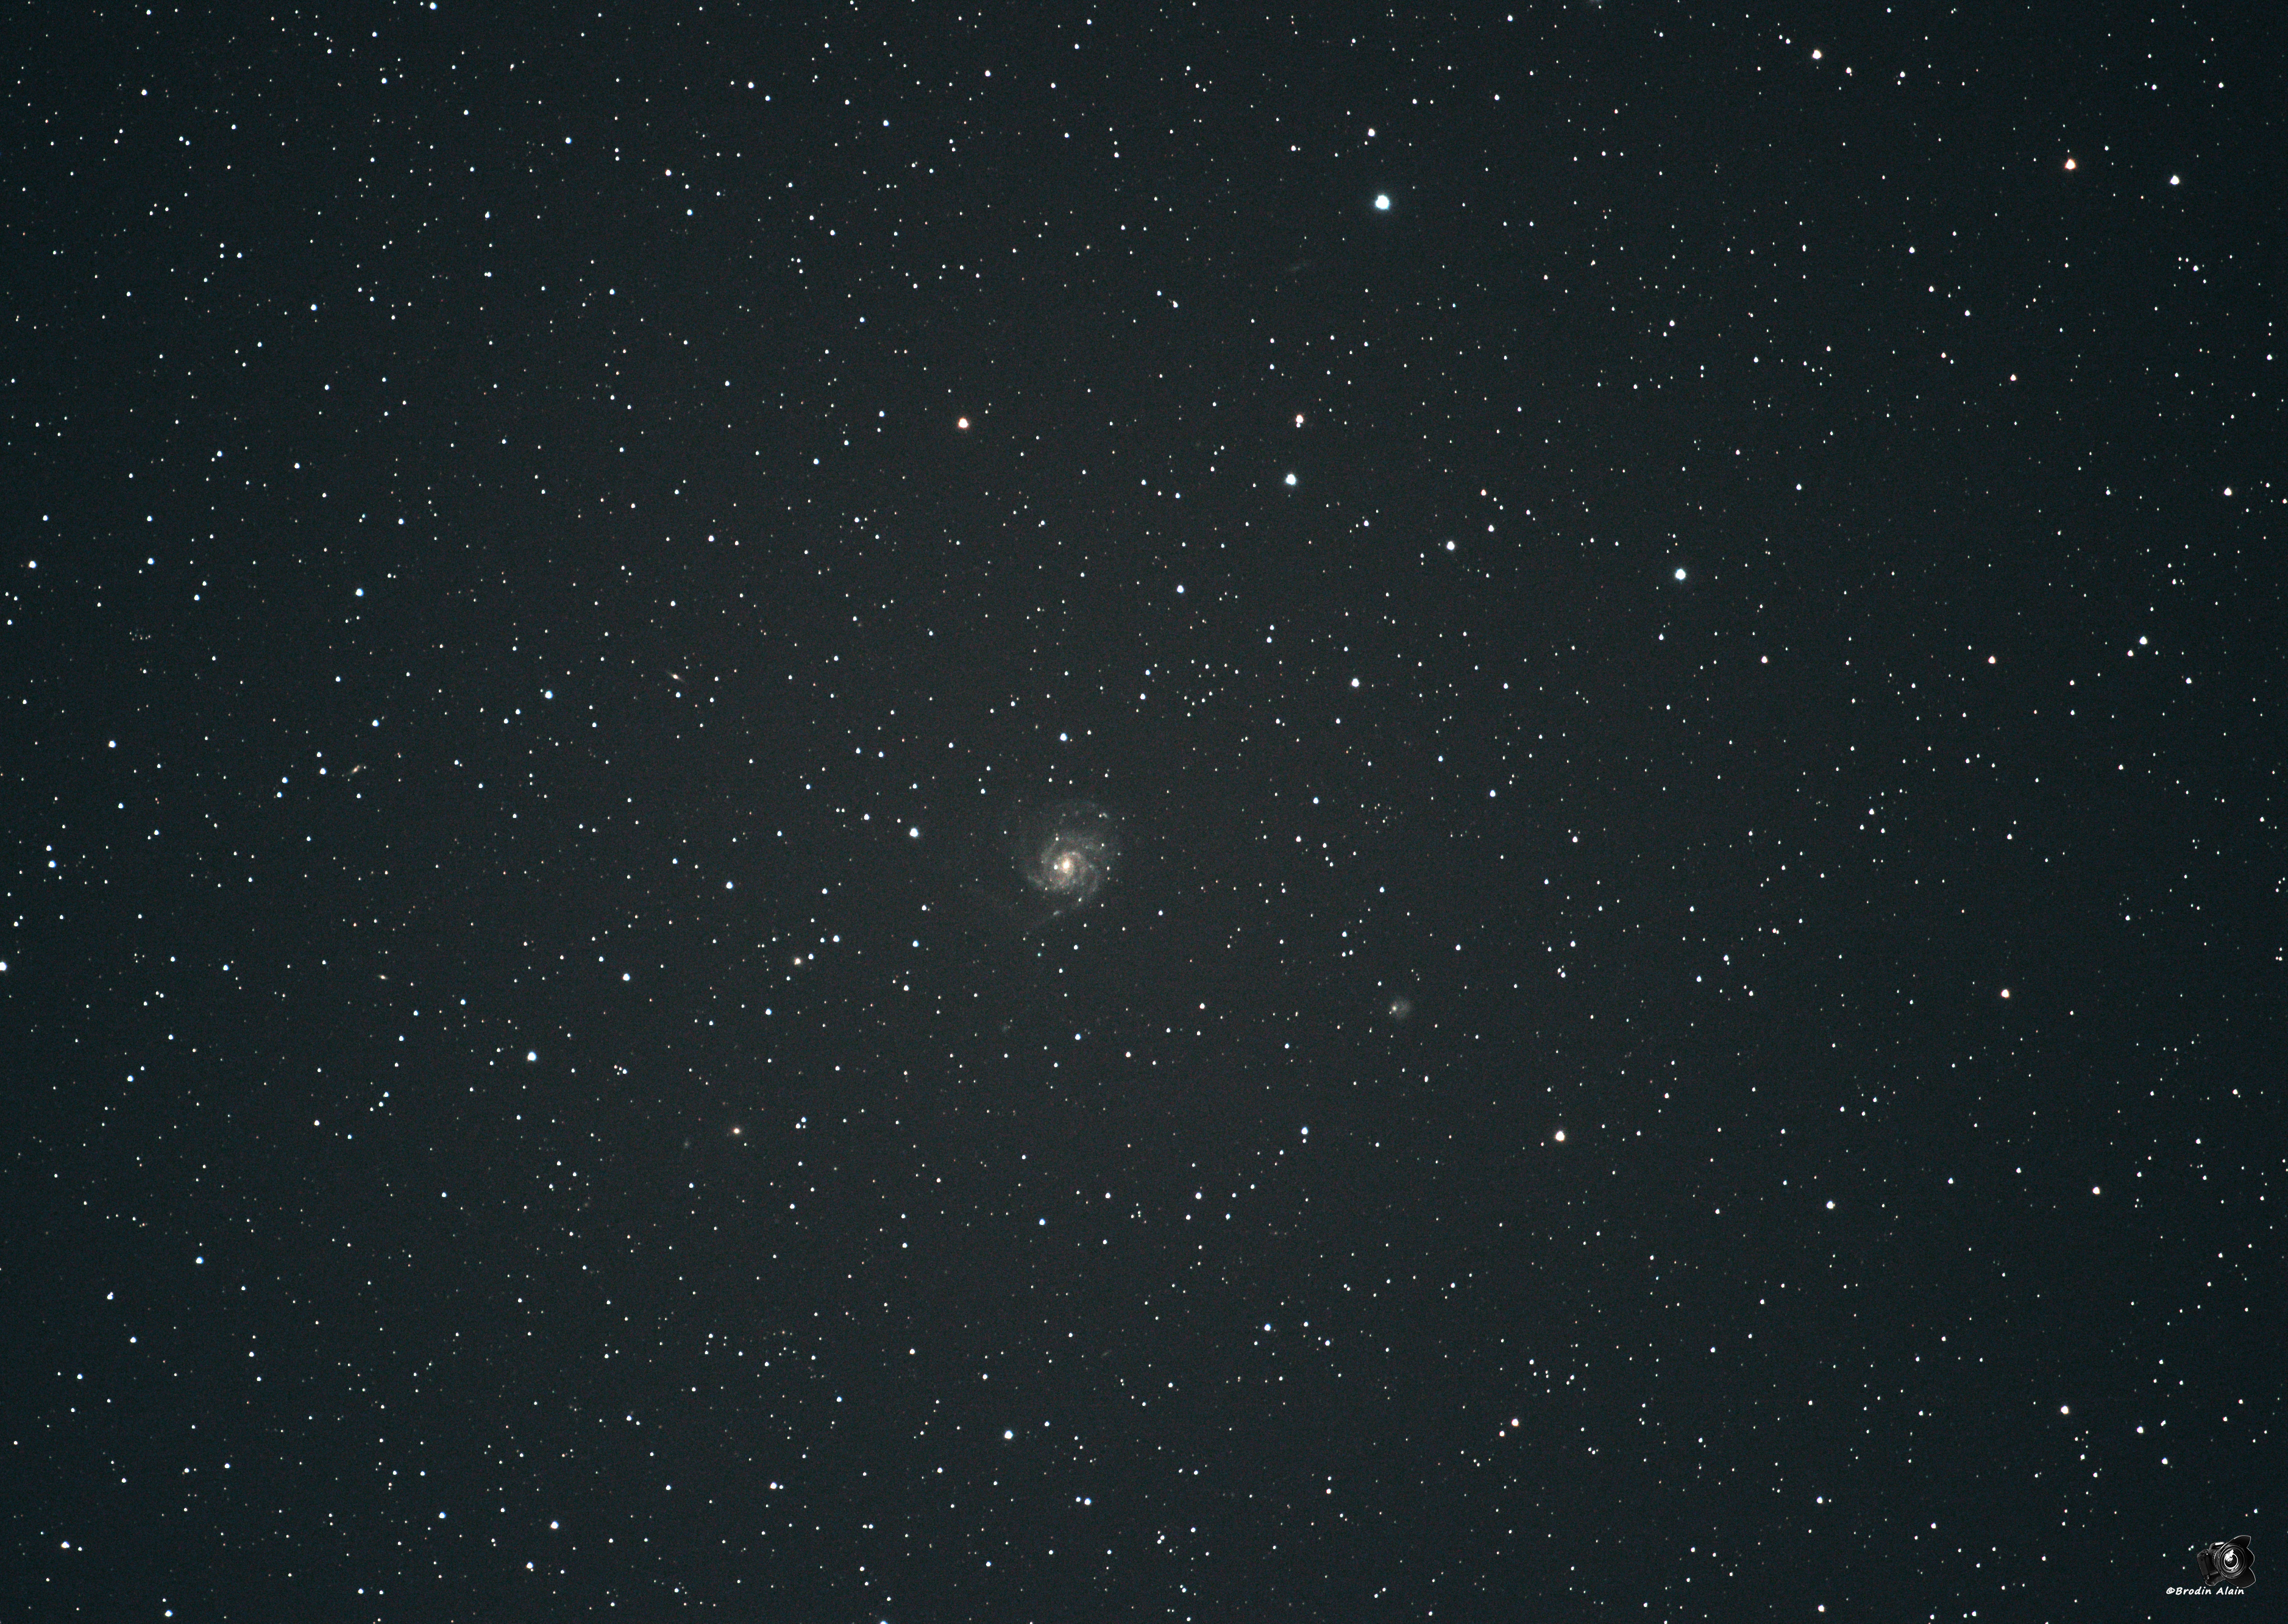 M101_soirée_du_26_04_2020_compilé_et_traité.jpg